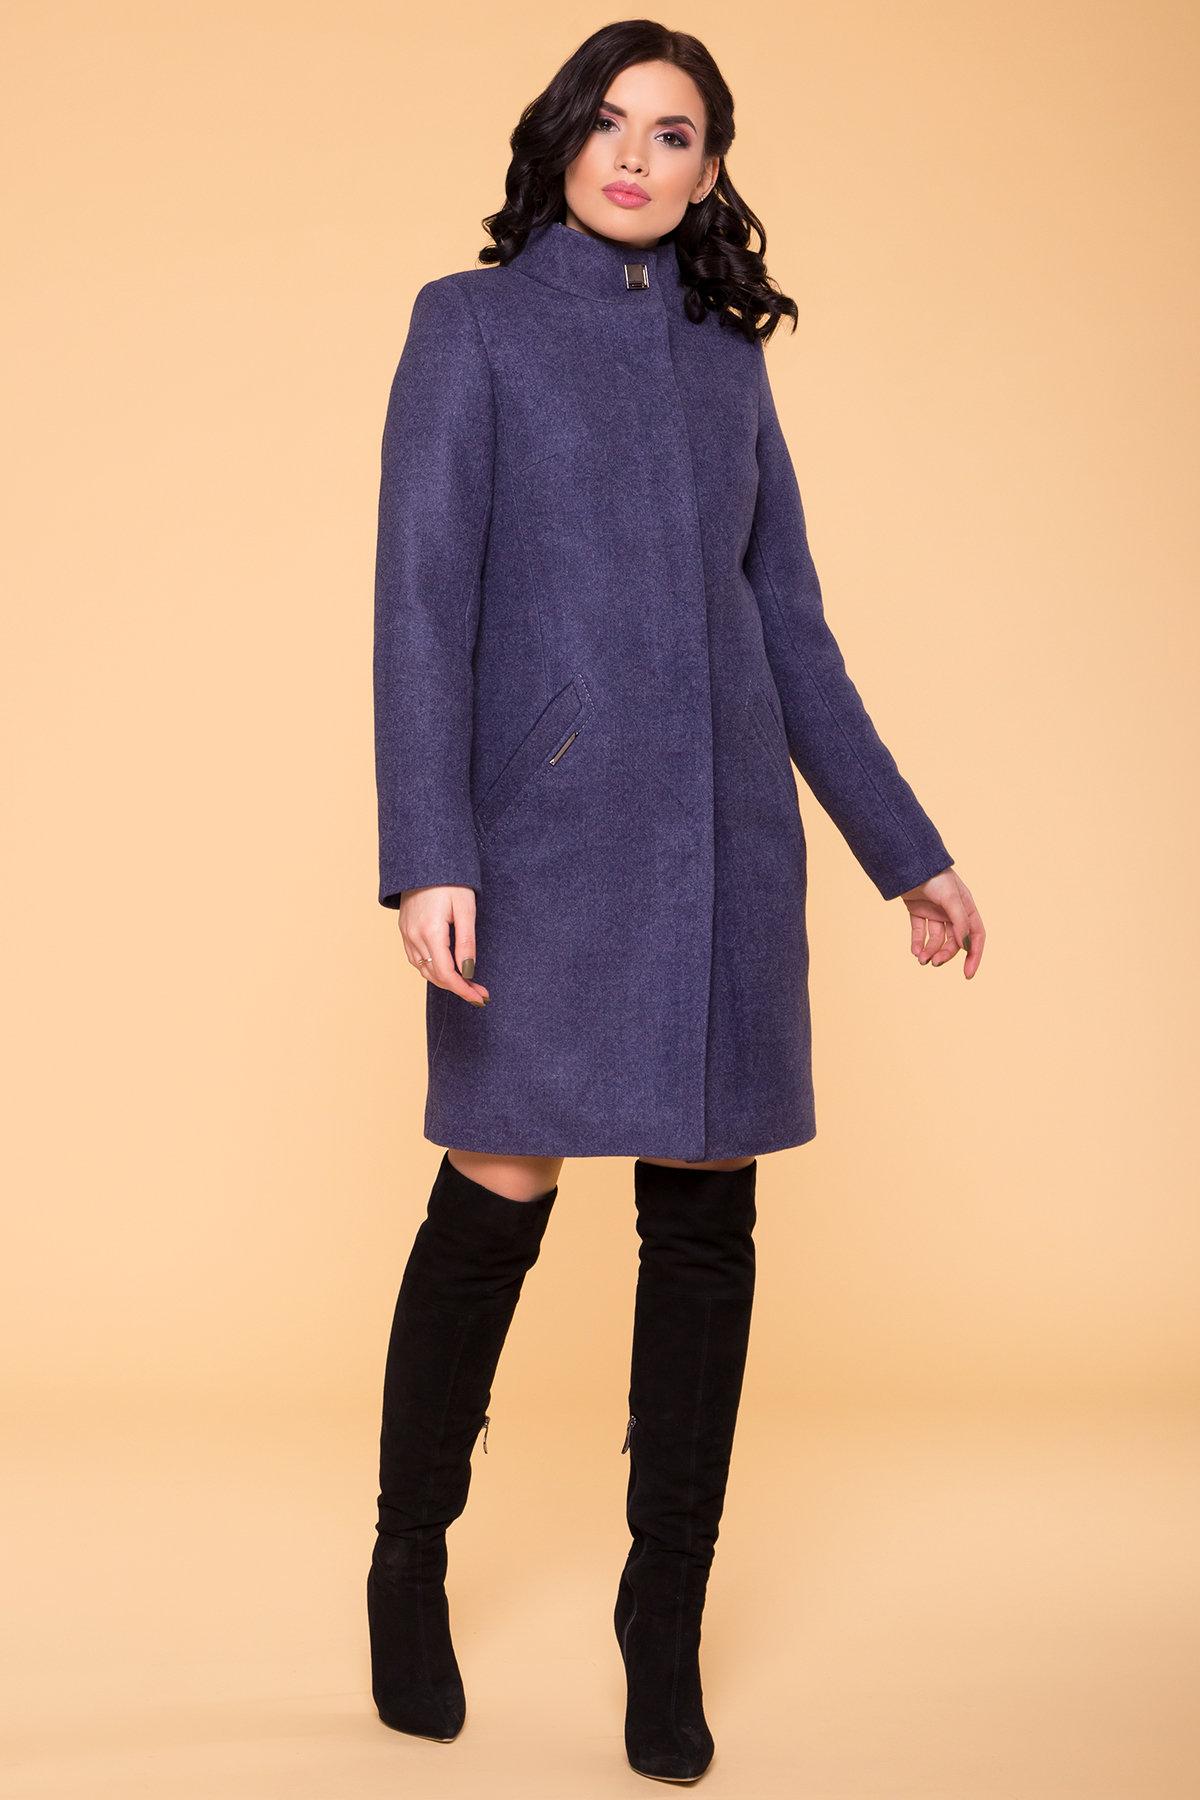 Пальто зима (шарф-хомут в комплекте) Люцея 5884 АРТ. 39421 Цвет: Джинс 57 - фото 4, интернет магазин tm-modus.ru